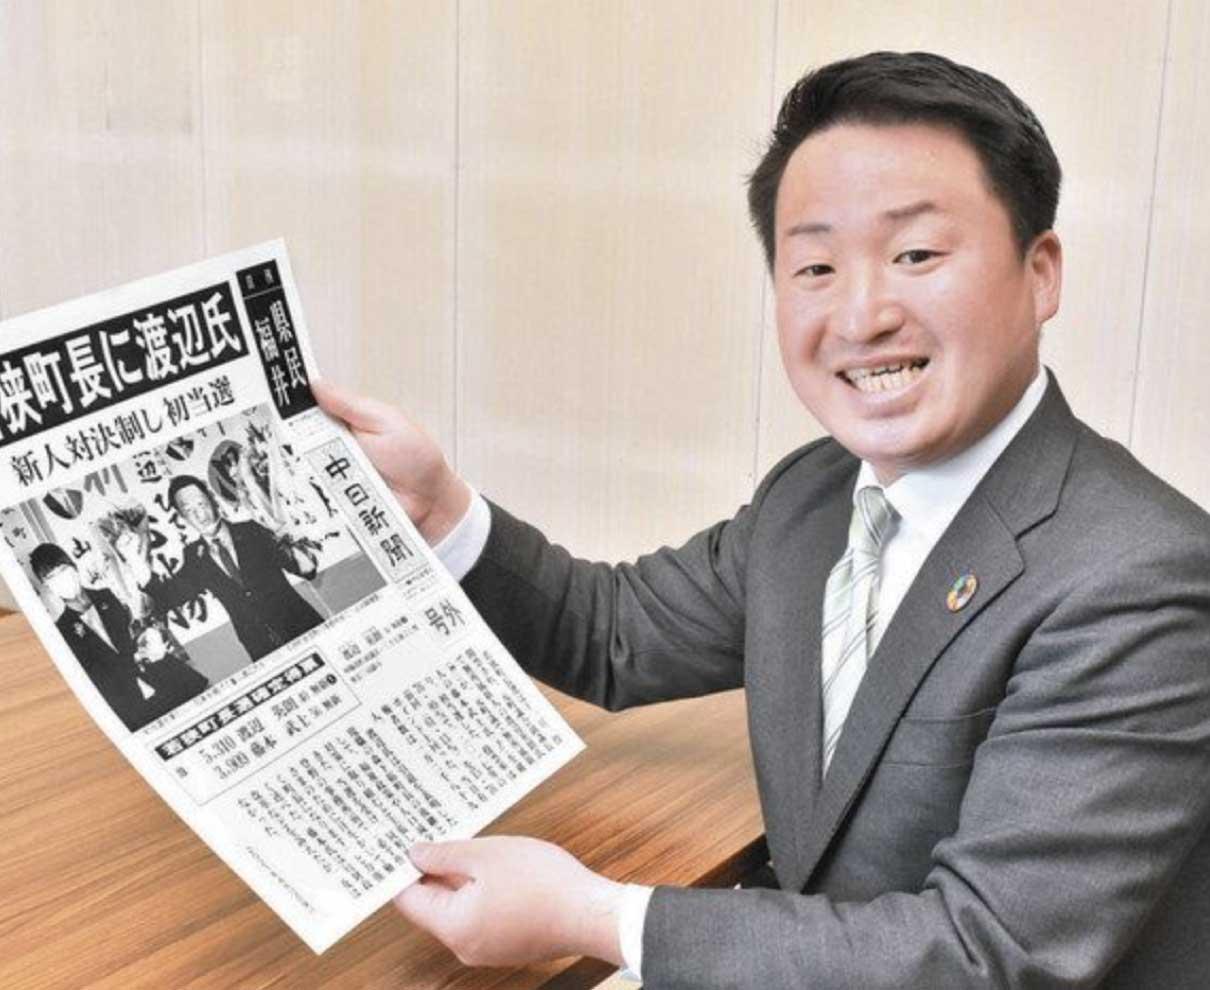 若さ生かし取り組みたい  若狭町長選初当選の渡辺さん